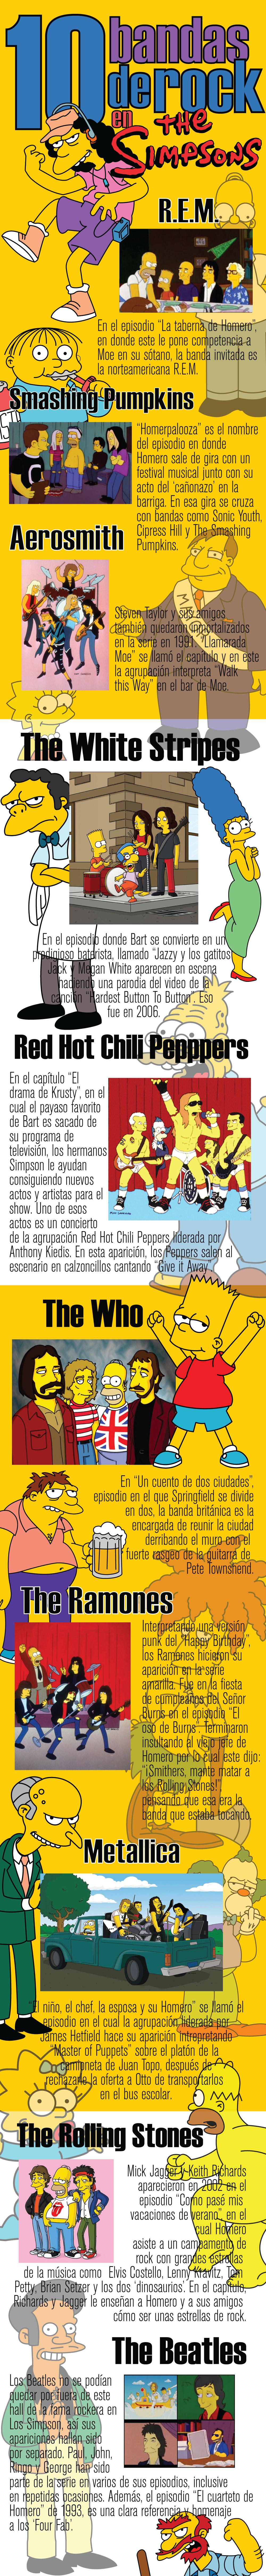 Infografía sobre las bandas de rock que han aparecido en Los Simpson.